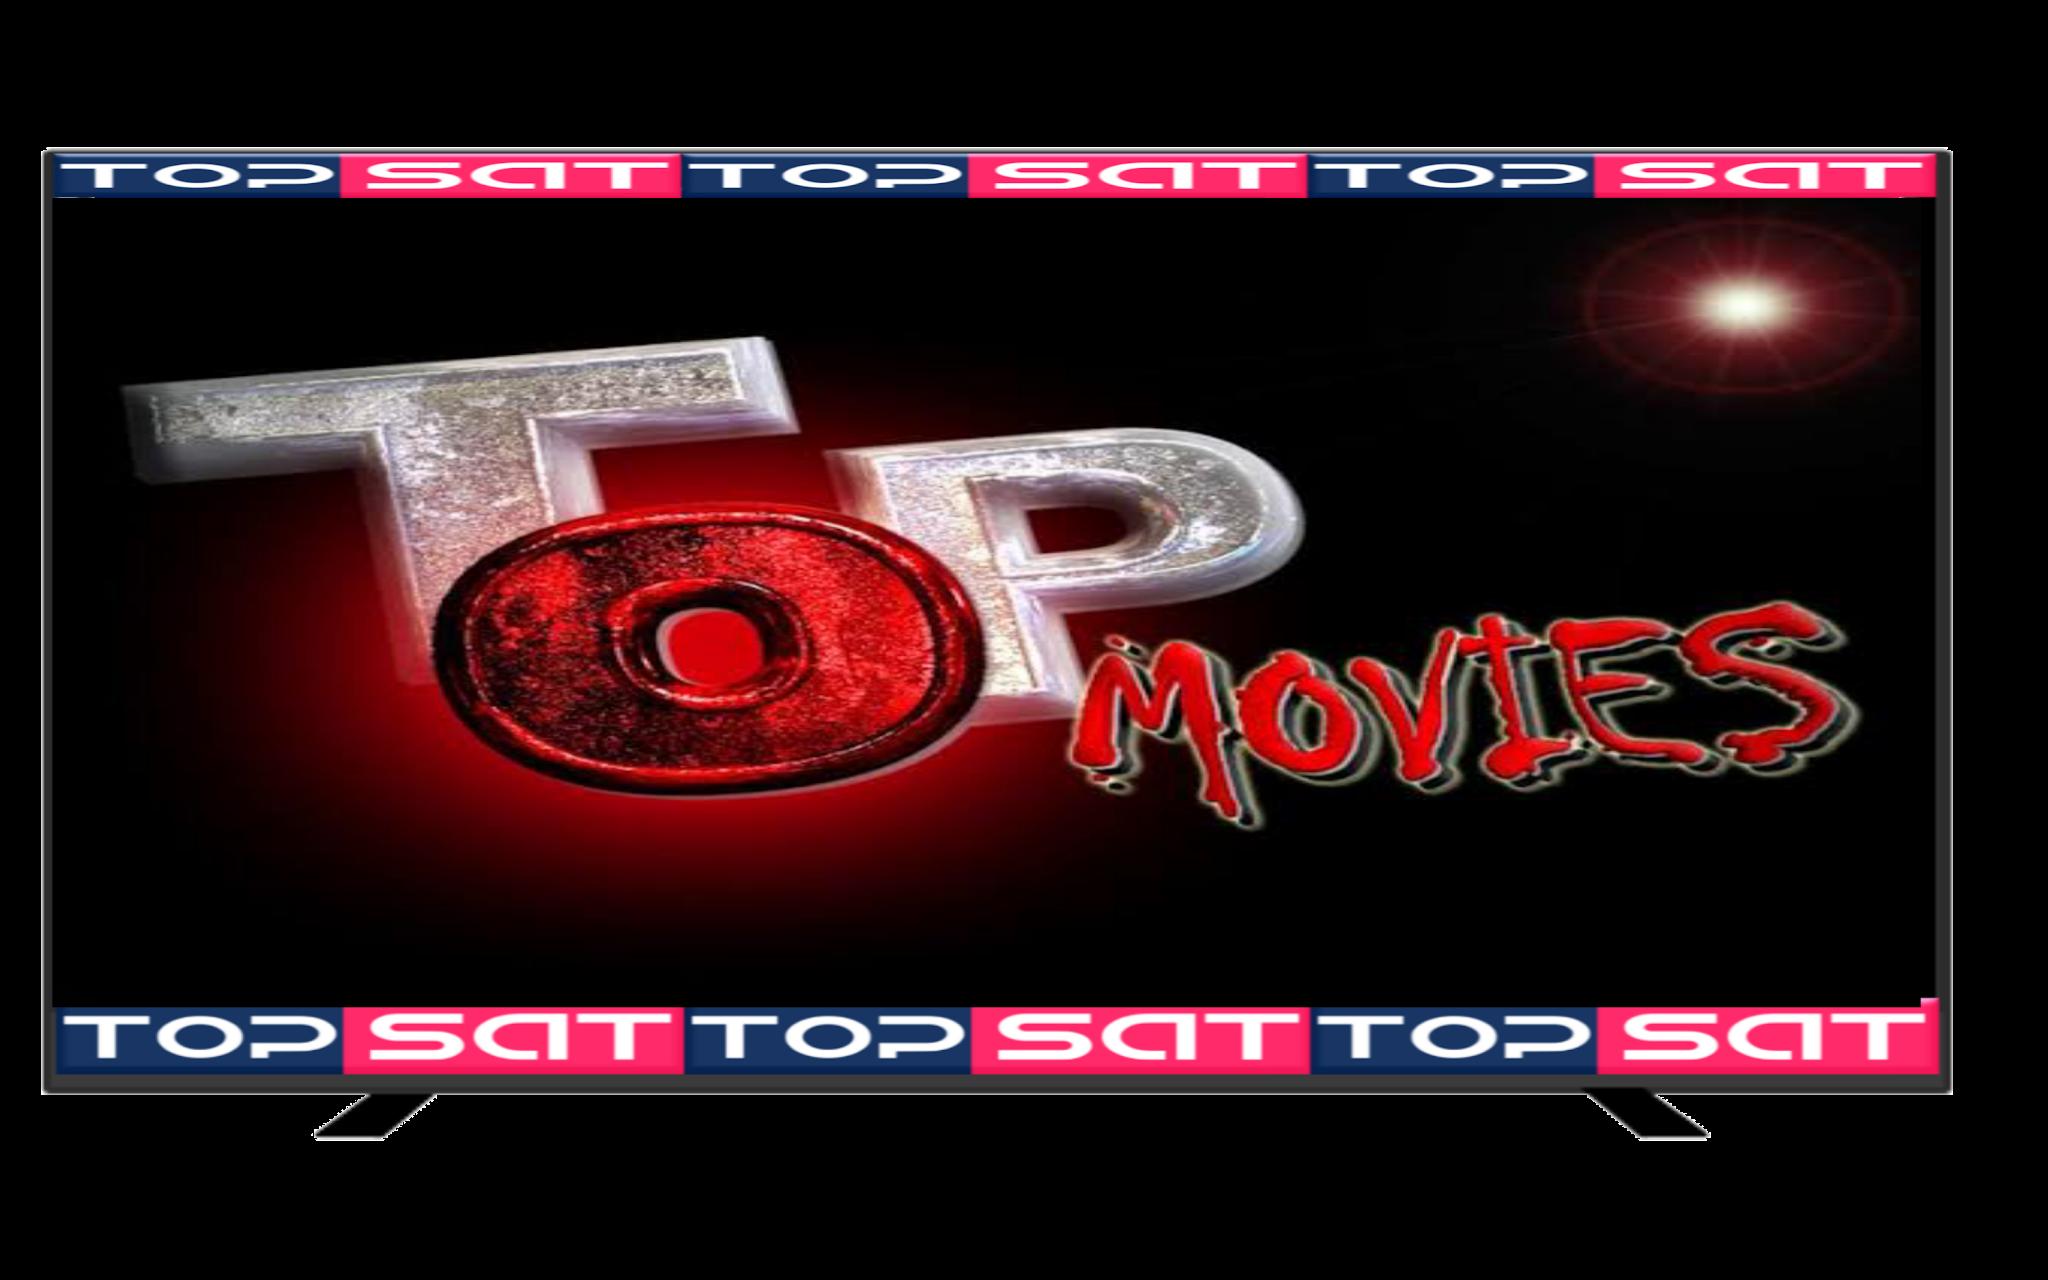 تردد قناة توب موفيز الجديد top movies بعد عودة البث مرة أخرى على النايل سات 2021 - ماندو ويب